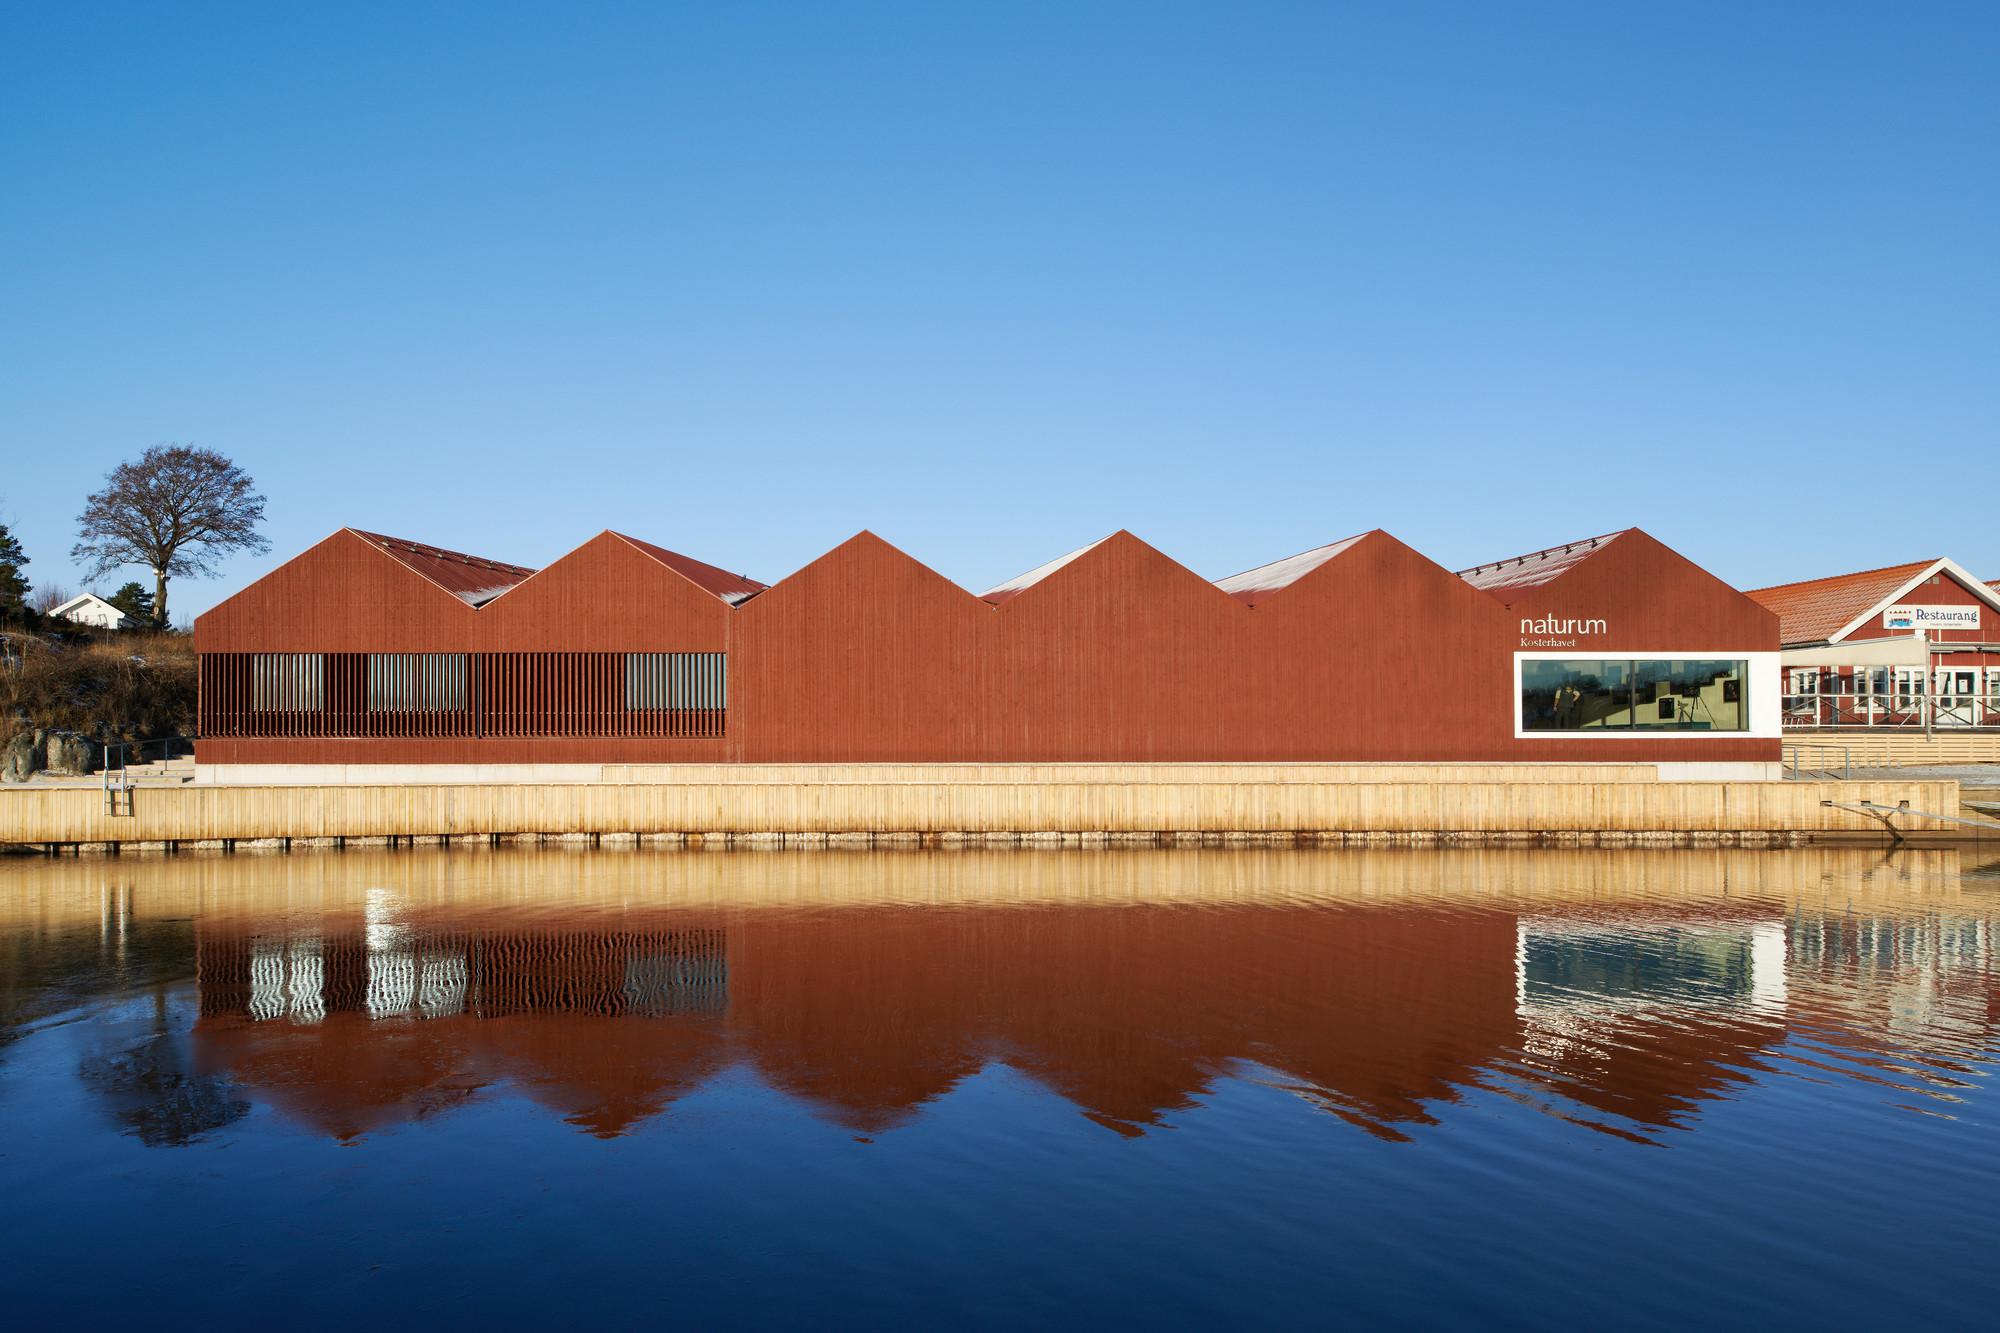 naturum Kosterhavet / White Arkitekter, © Åke E:son Lindman